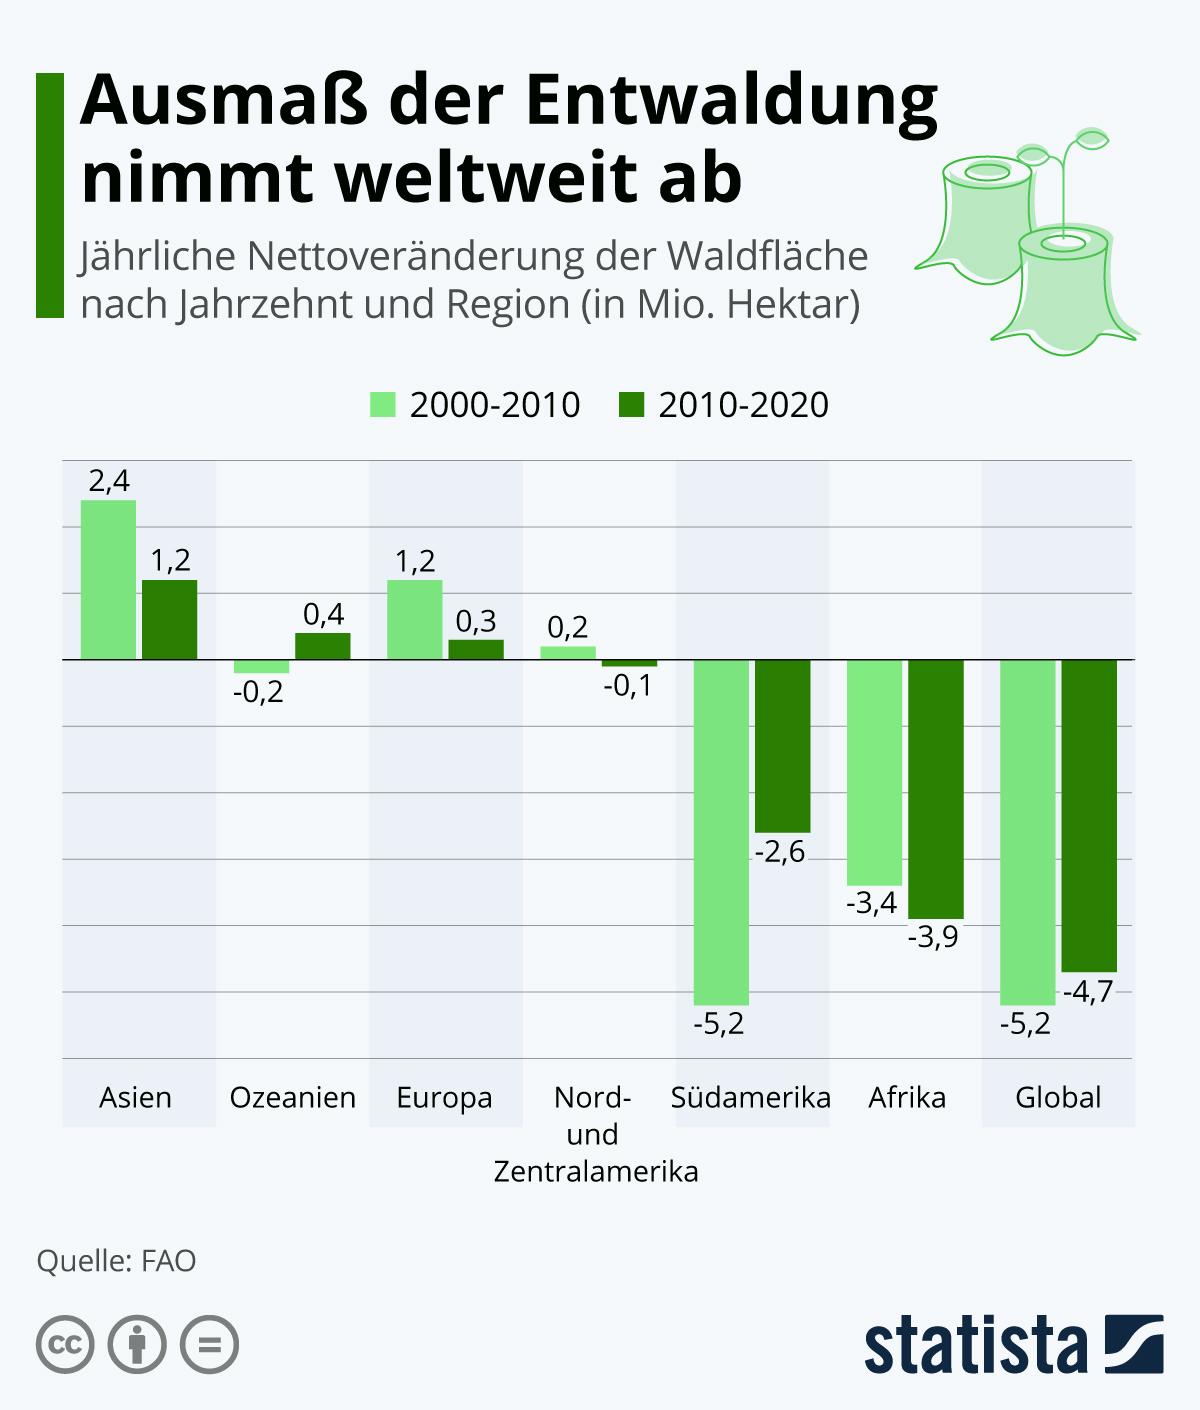 Infografik: Ausmaß der Entwaldung nimmt weltweit ab | Statista